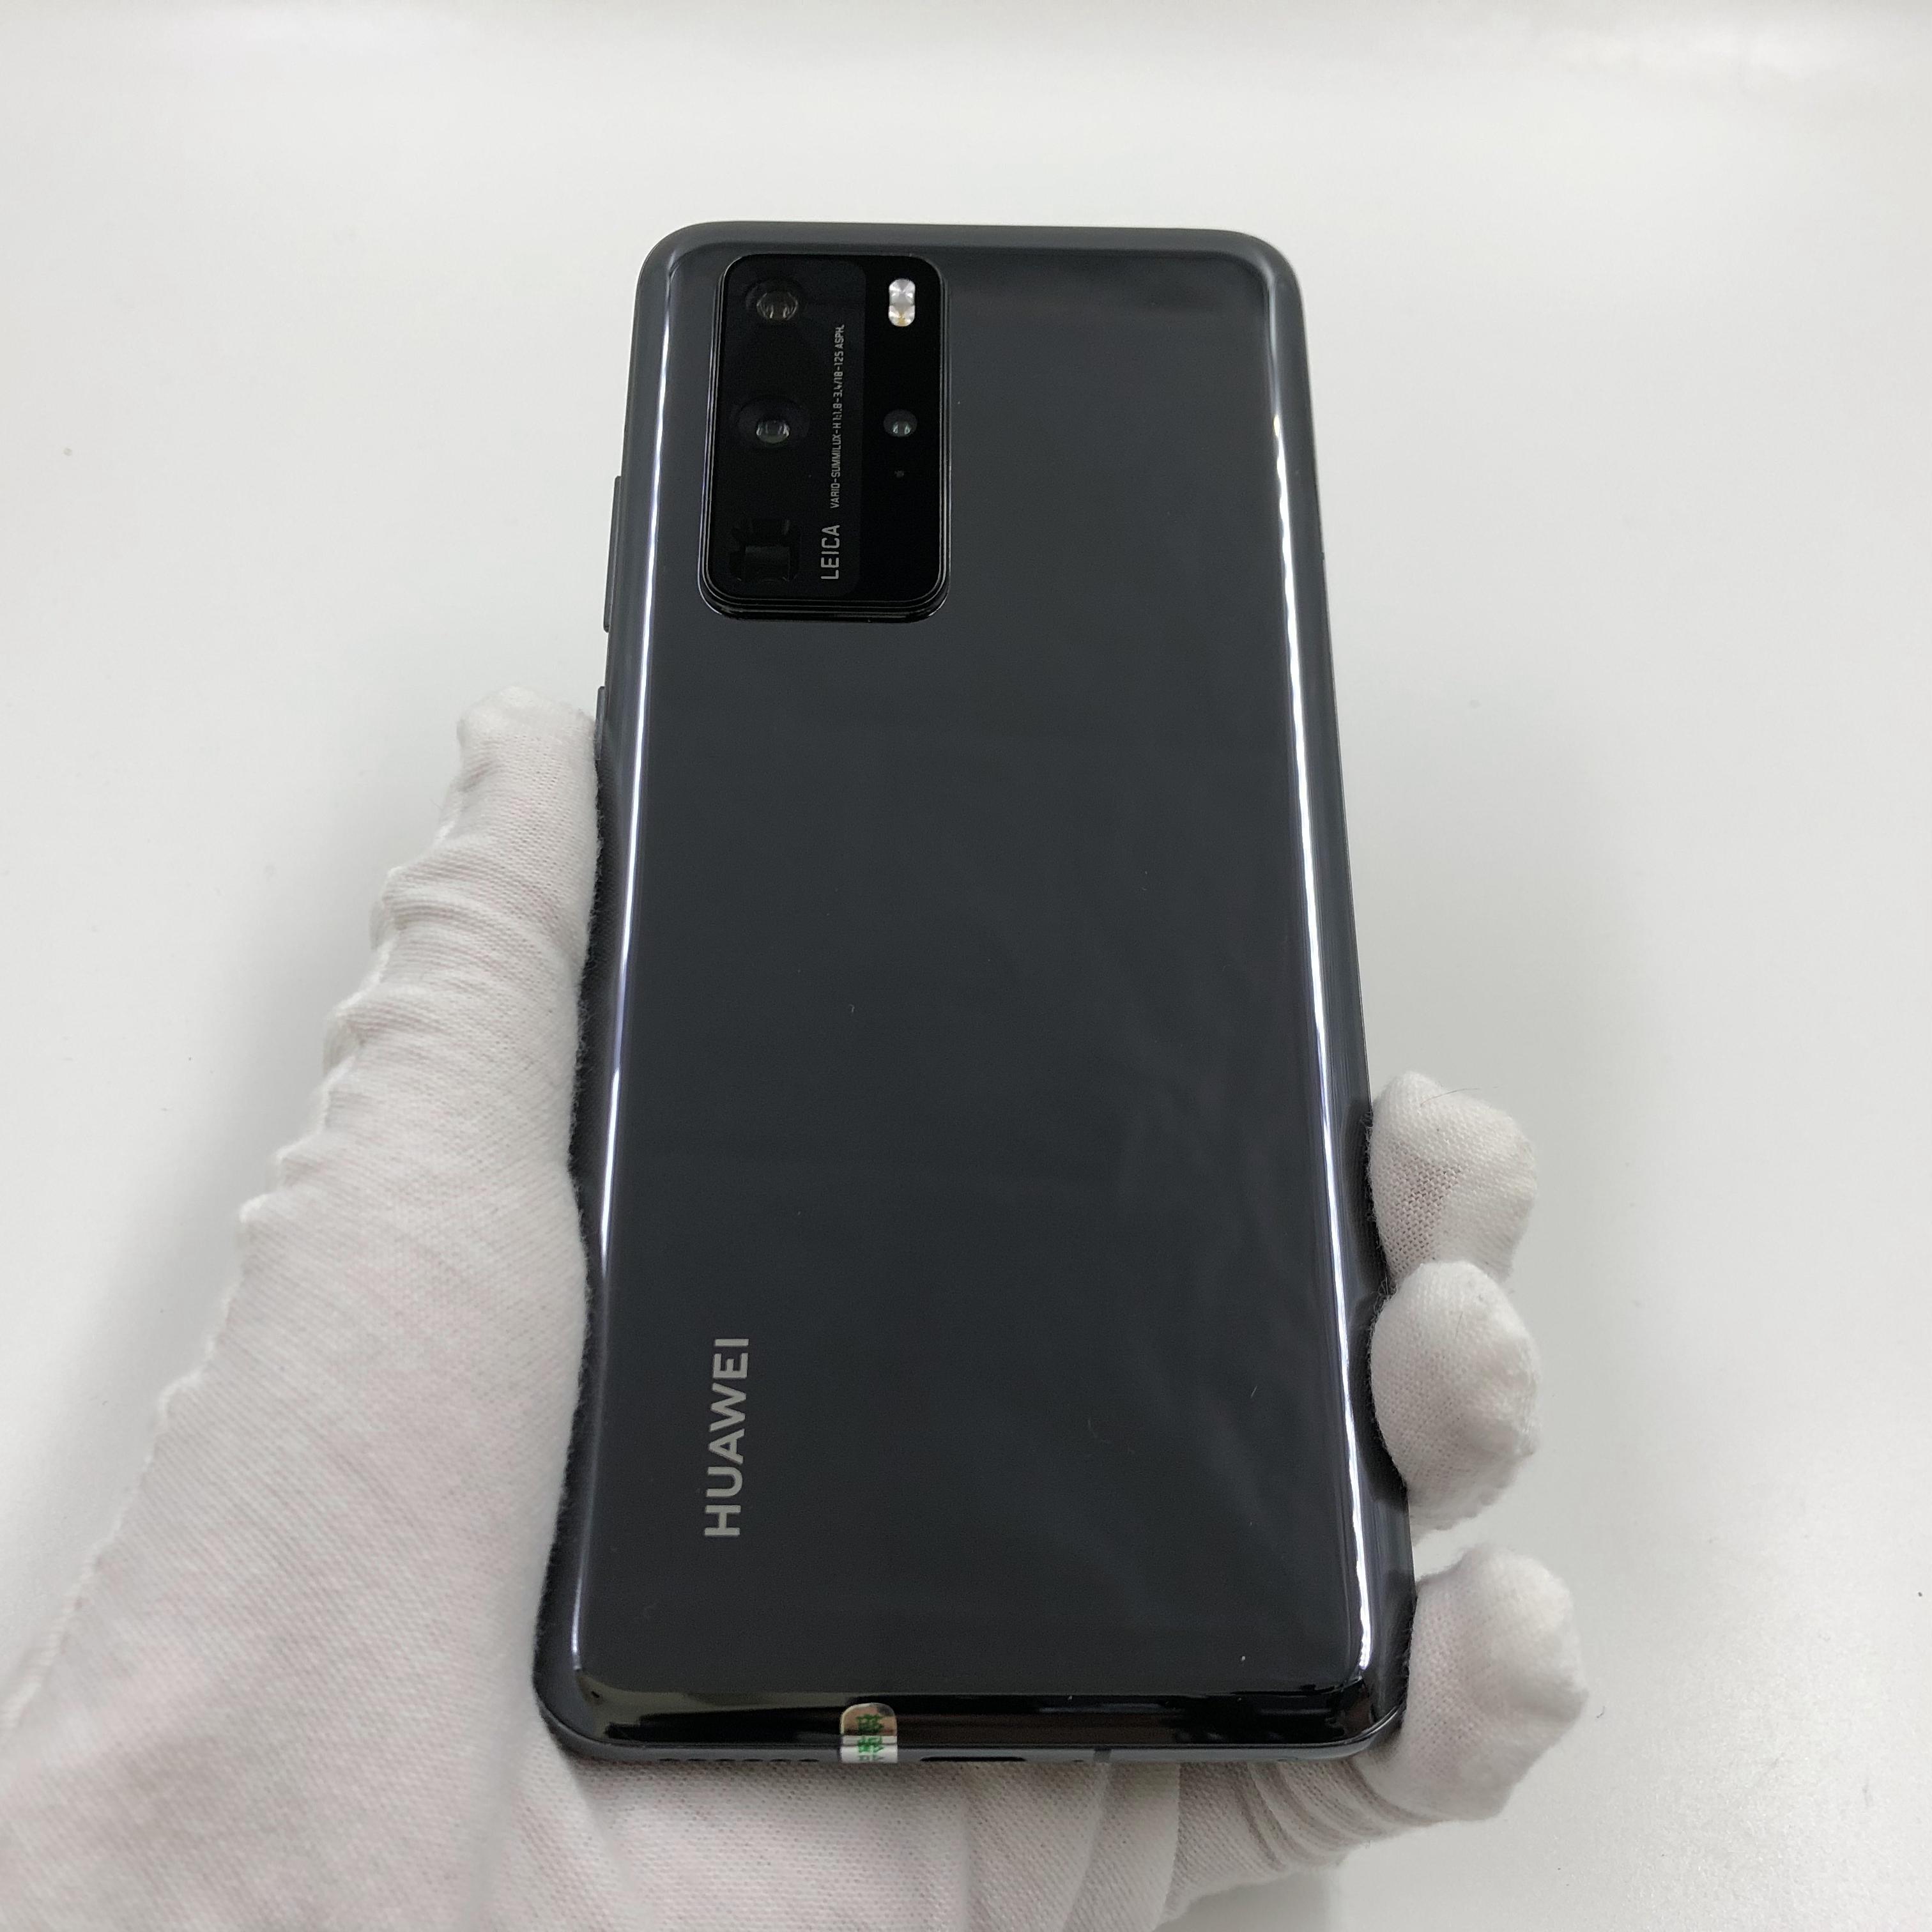 华为【P40 Pro 5G】5G全网通 亮黑色 8G/256G 国行 8成新 真机实拍保修2021-06-21